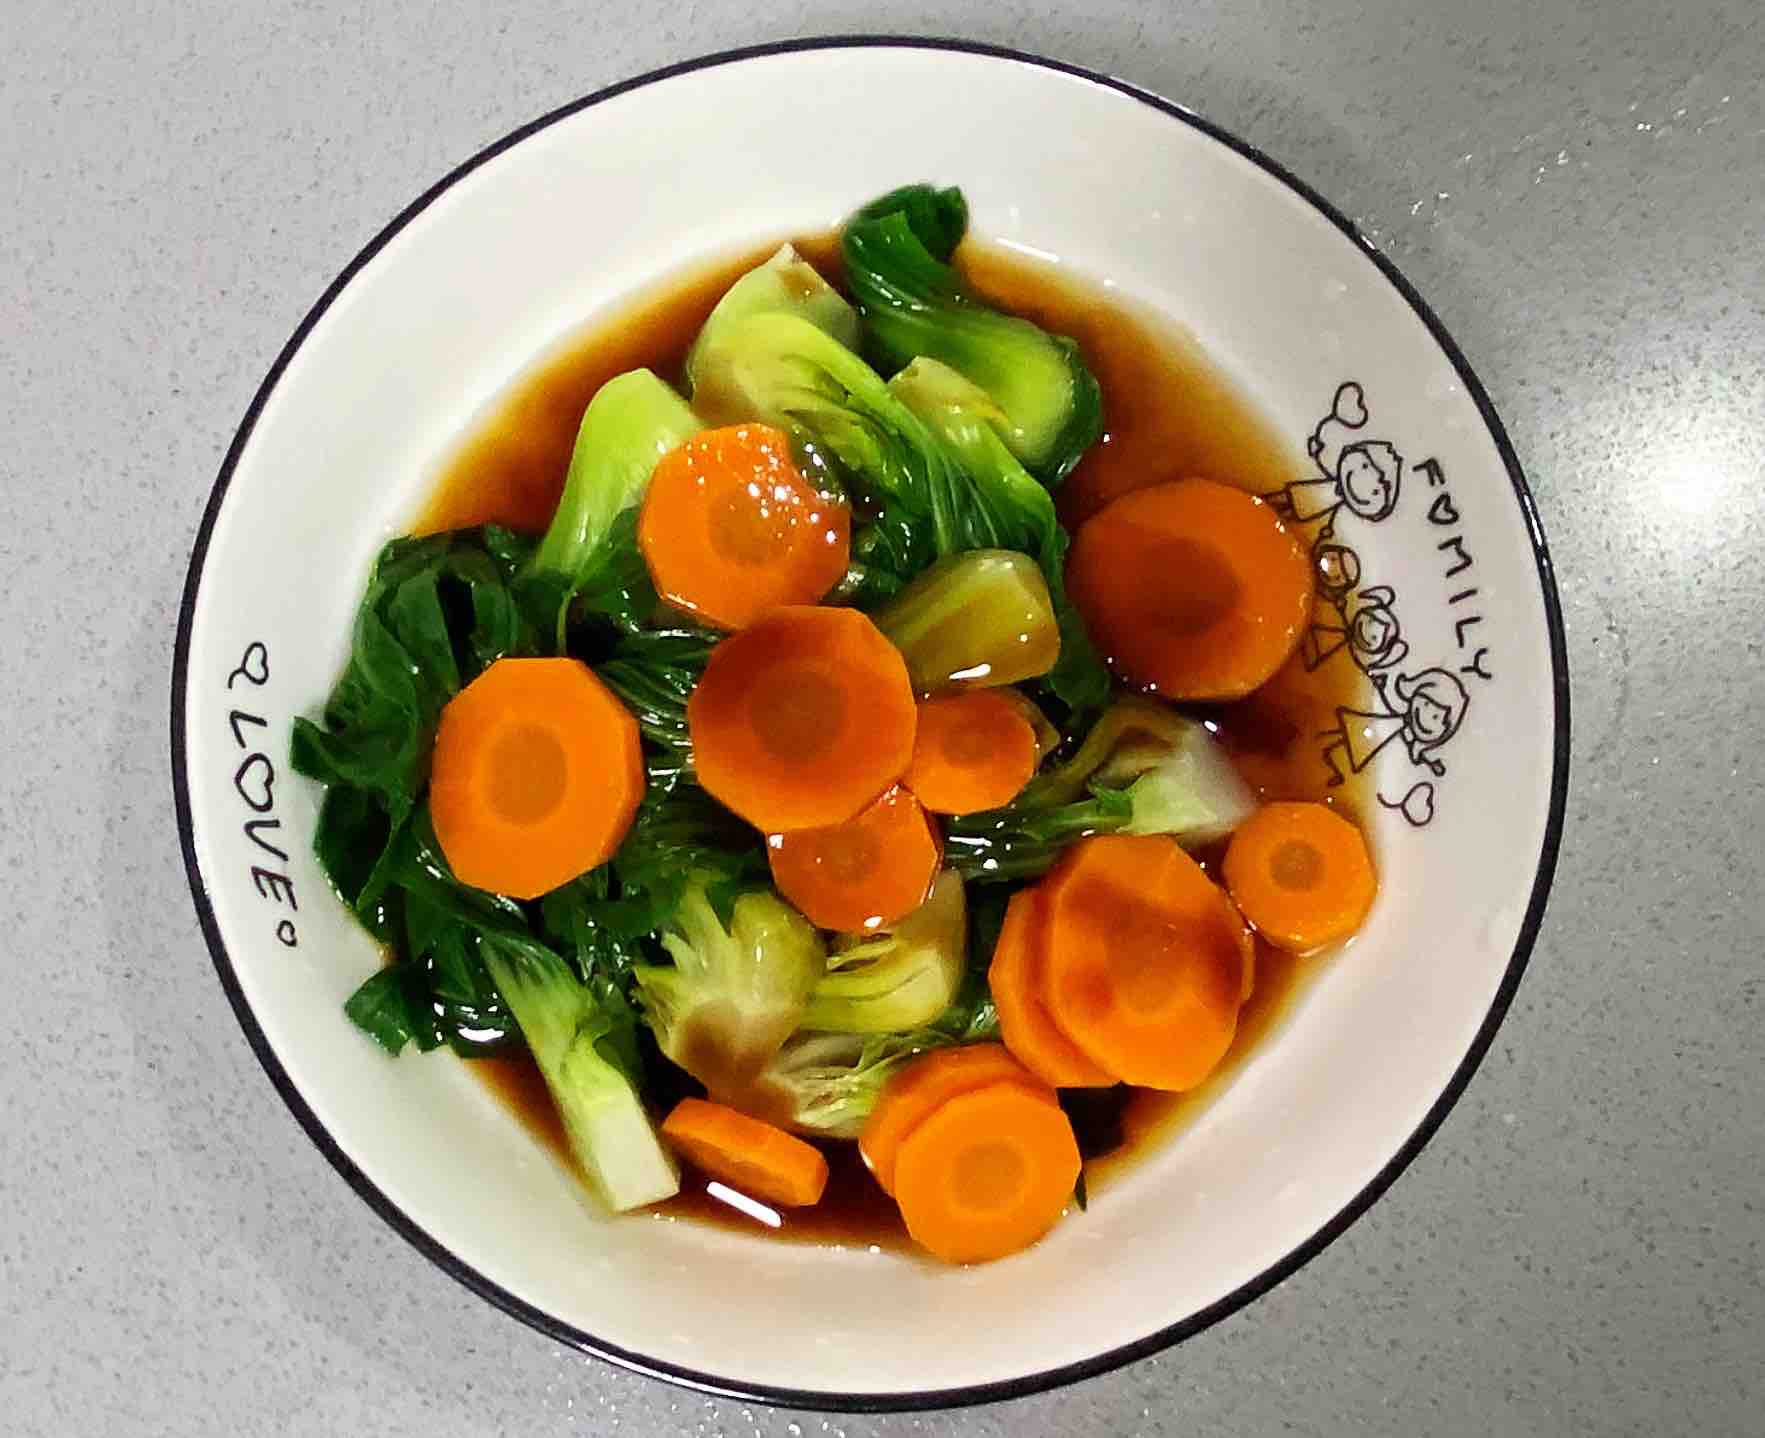 【孕妇食谱】日式蒲烧鳗鱼饭,酱汁浓郁、肉质香嫩,回味无穷~怎么做